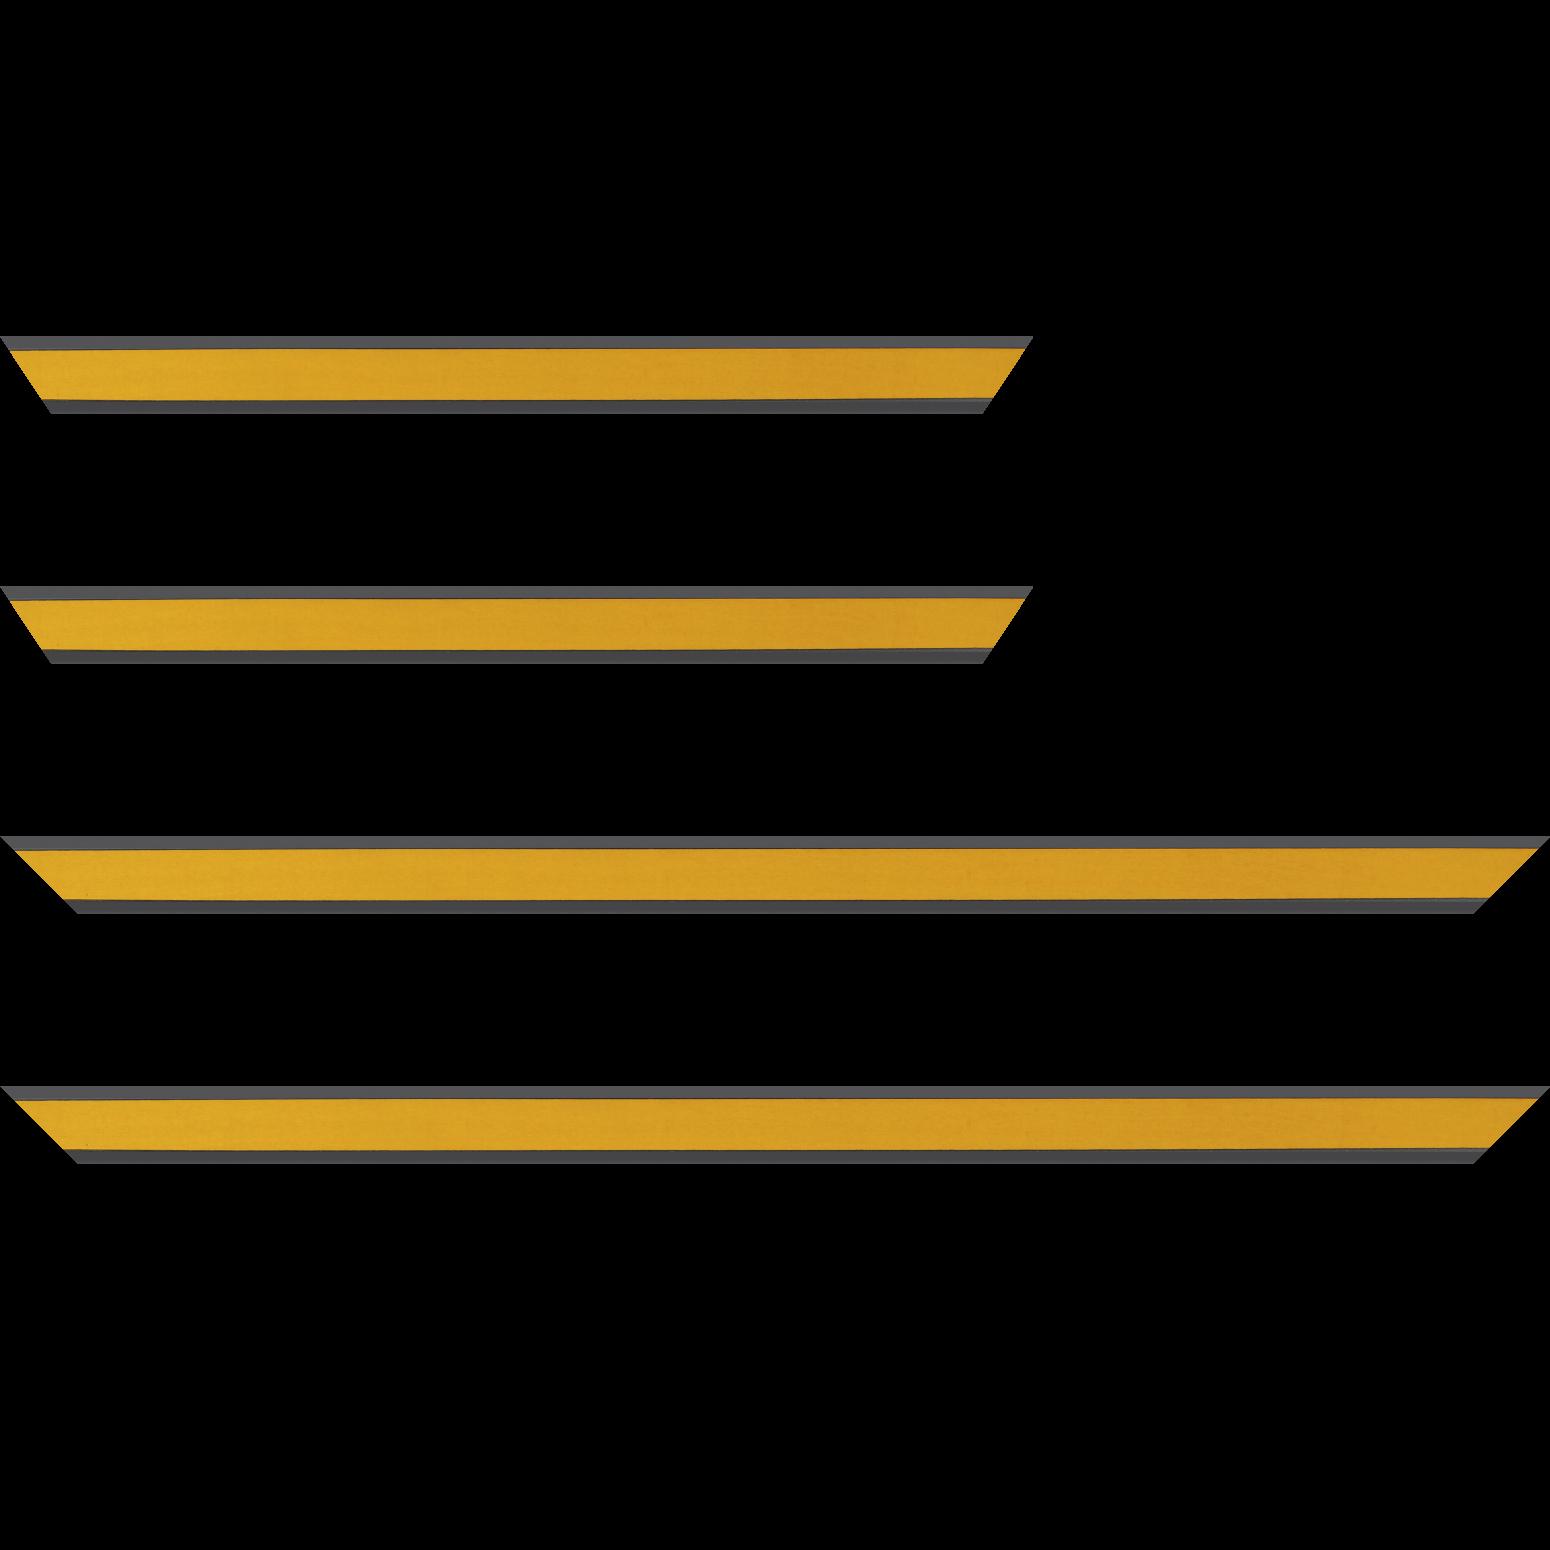 Baguette service précoupé Bois essence marupa profil plat largeur 2.5cm plaquage érable teinté jaune,  filet intérieur et extérieur gris foncé